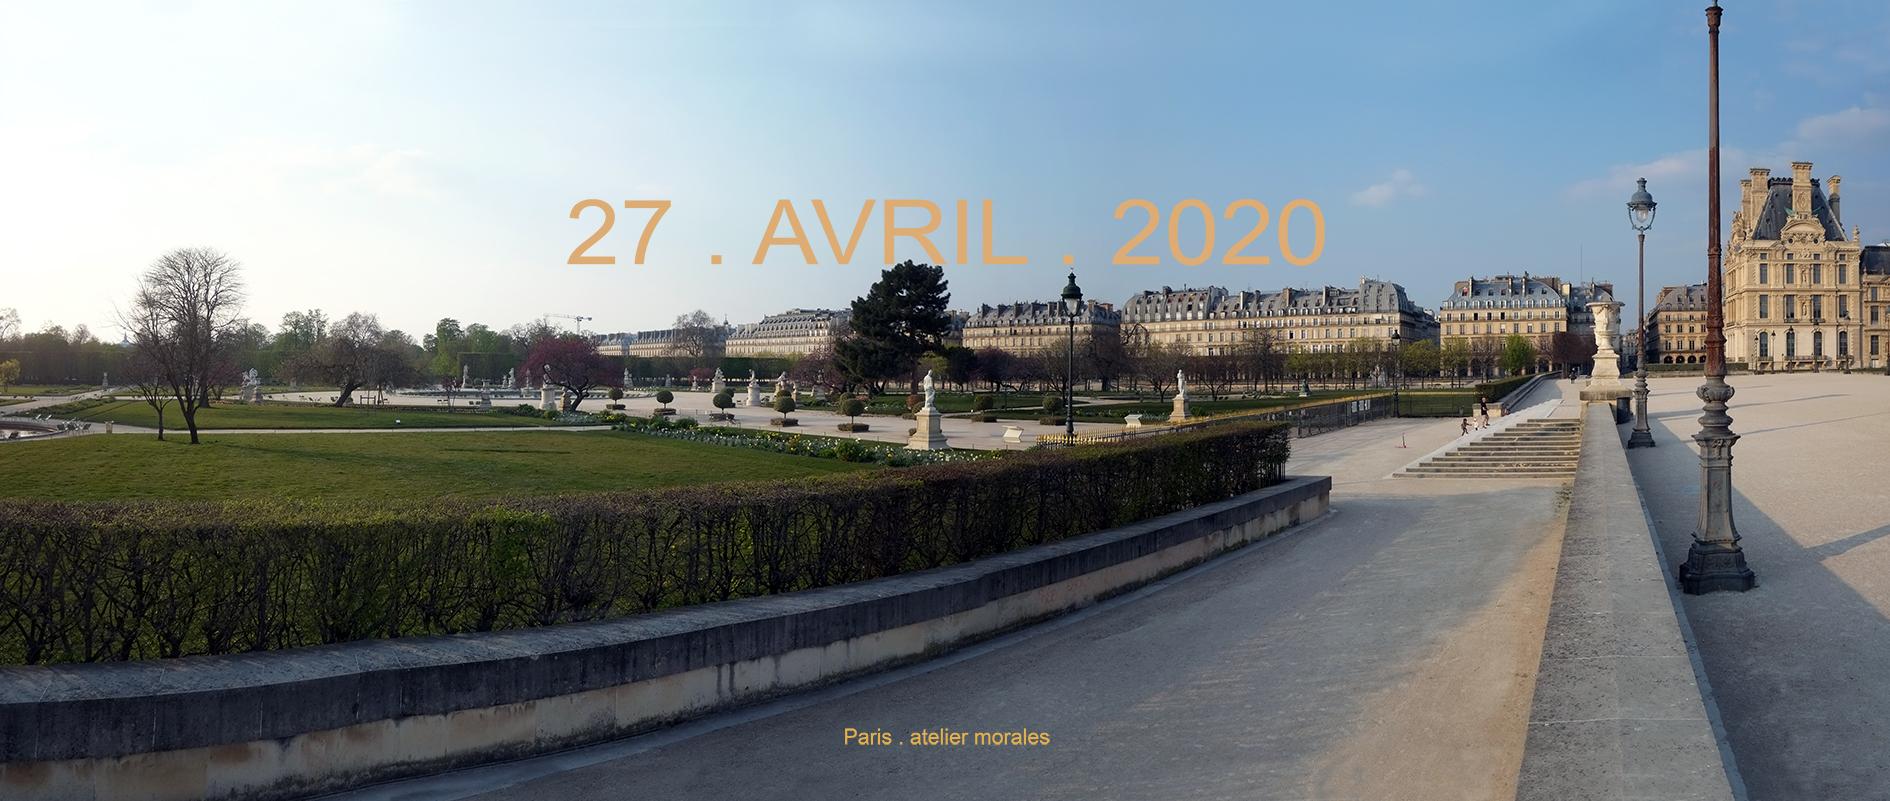 43eme jour de confinement. 27 avril 2020. Jardin des Tuileries Paris (2020) - Teresa Ayuso & Juan Luis Morales  - Atelier Morales